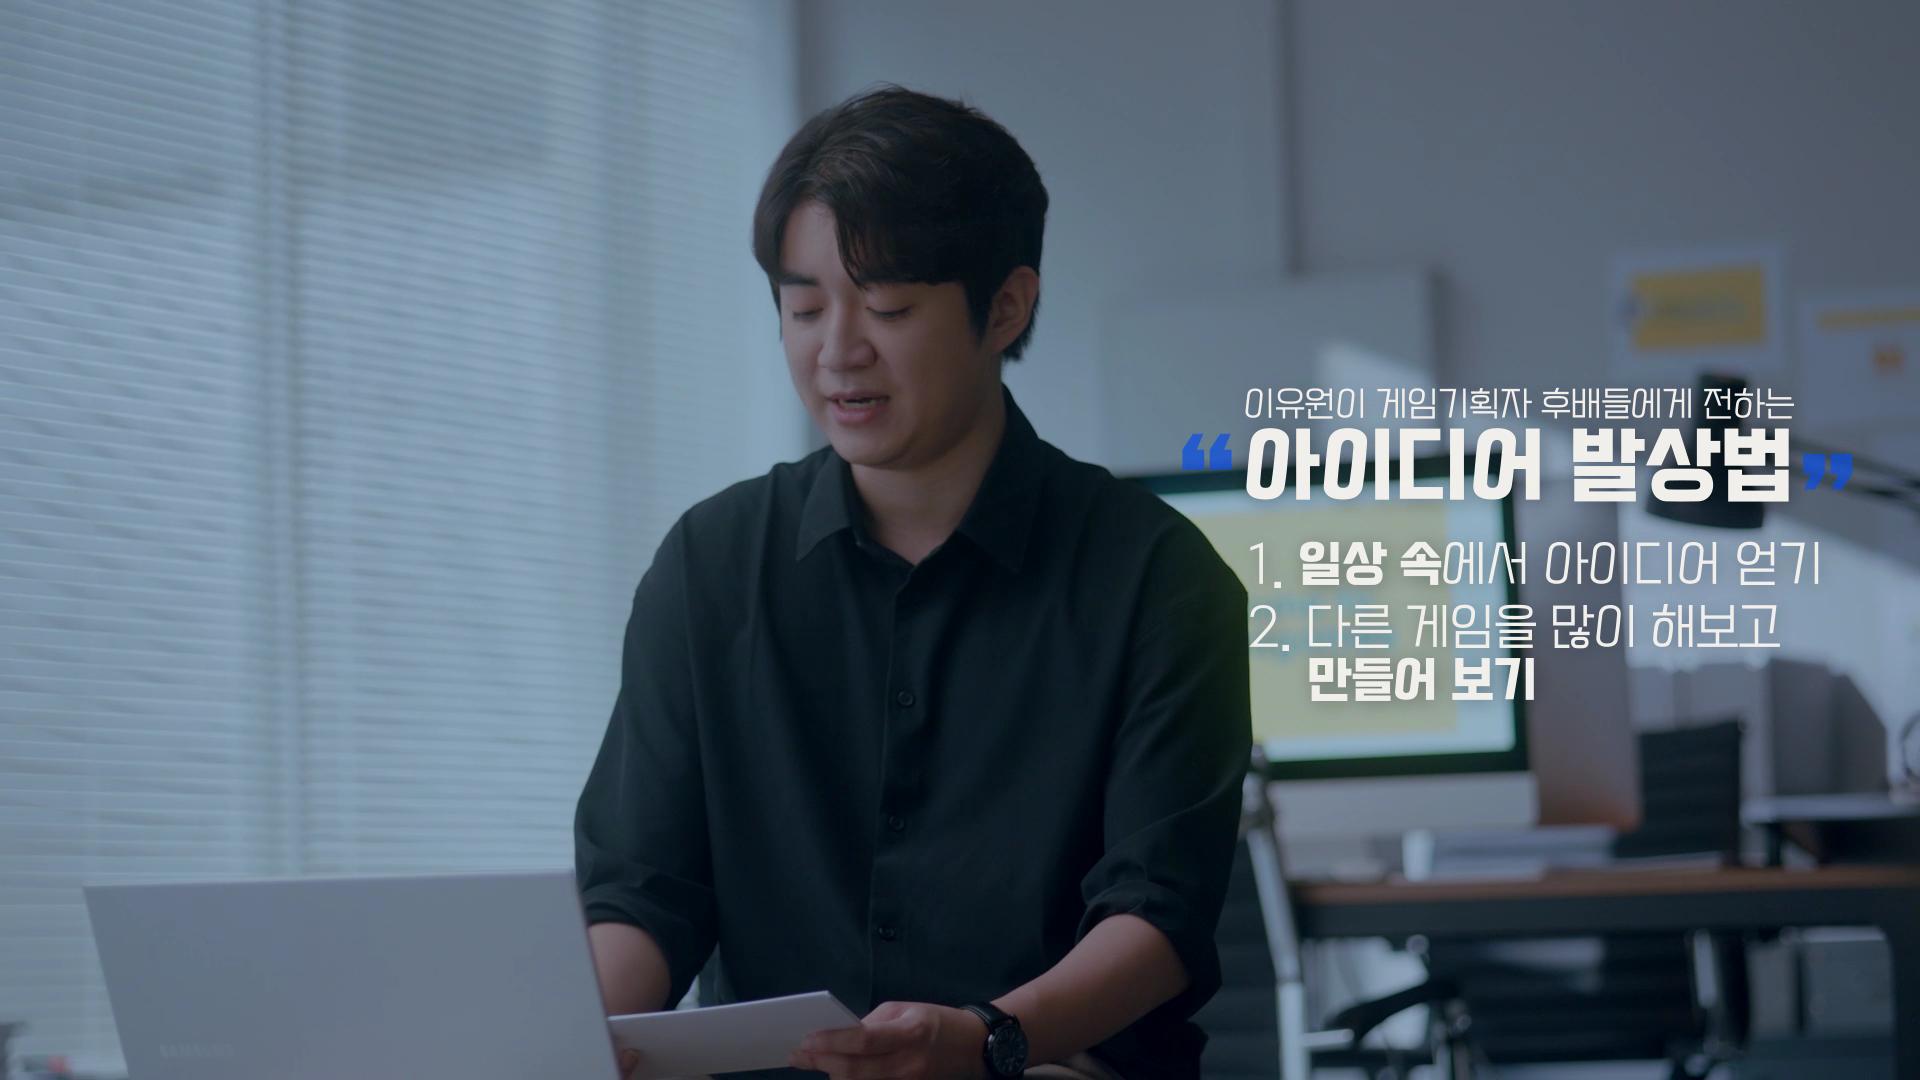 SKT, SK텔레콤, 선배발람회, 반지하게임즈, 게임개발자, 이유원